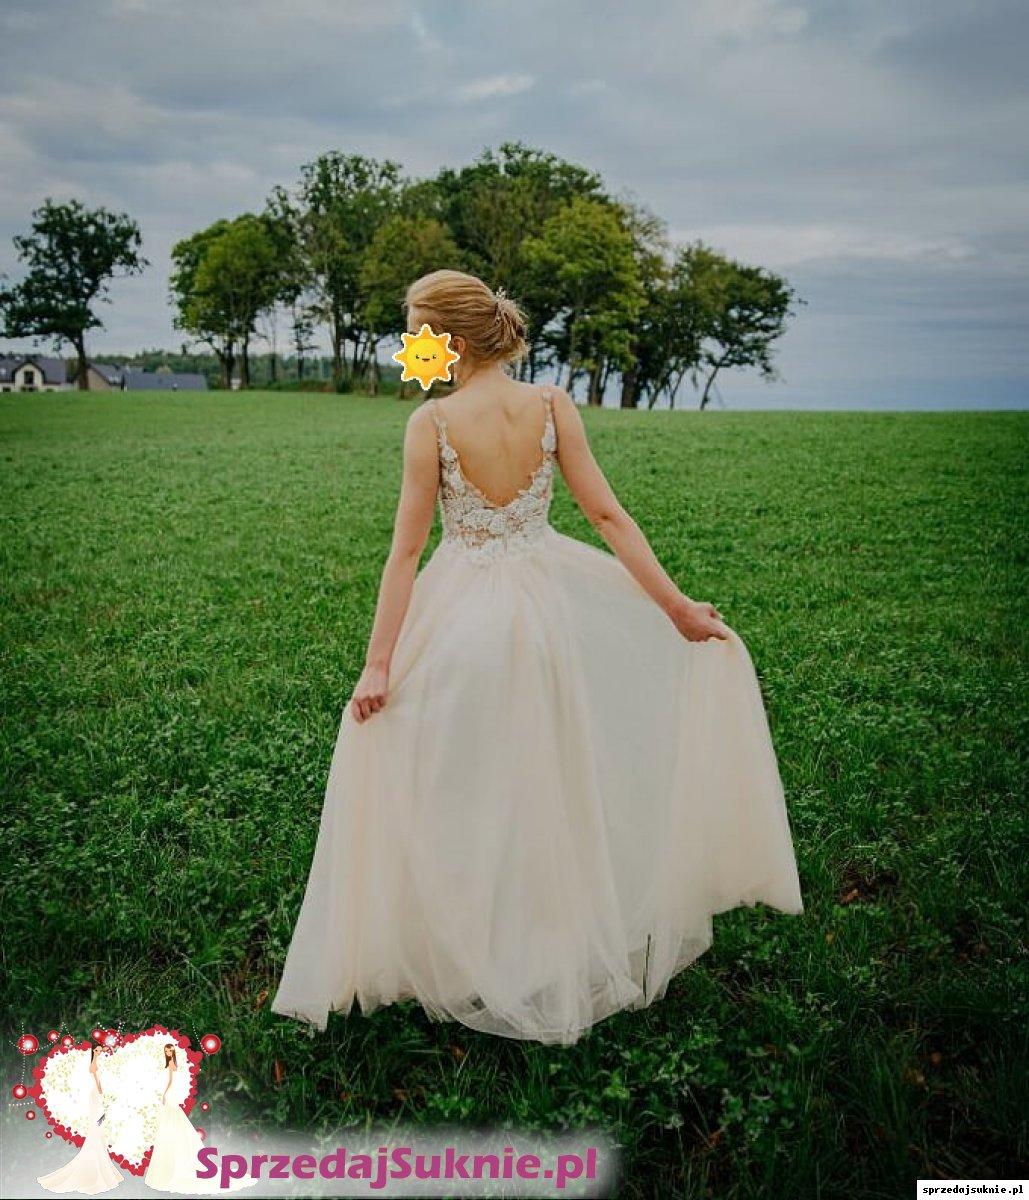 Suknia ślubna z welonem, grzebykiem i kolczykami - GDAŃSK